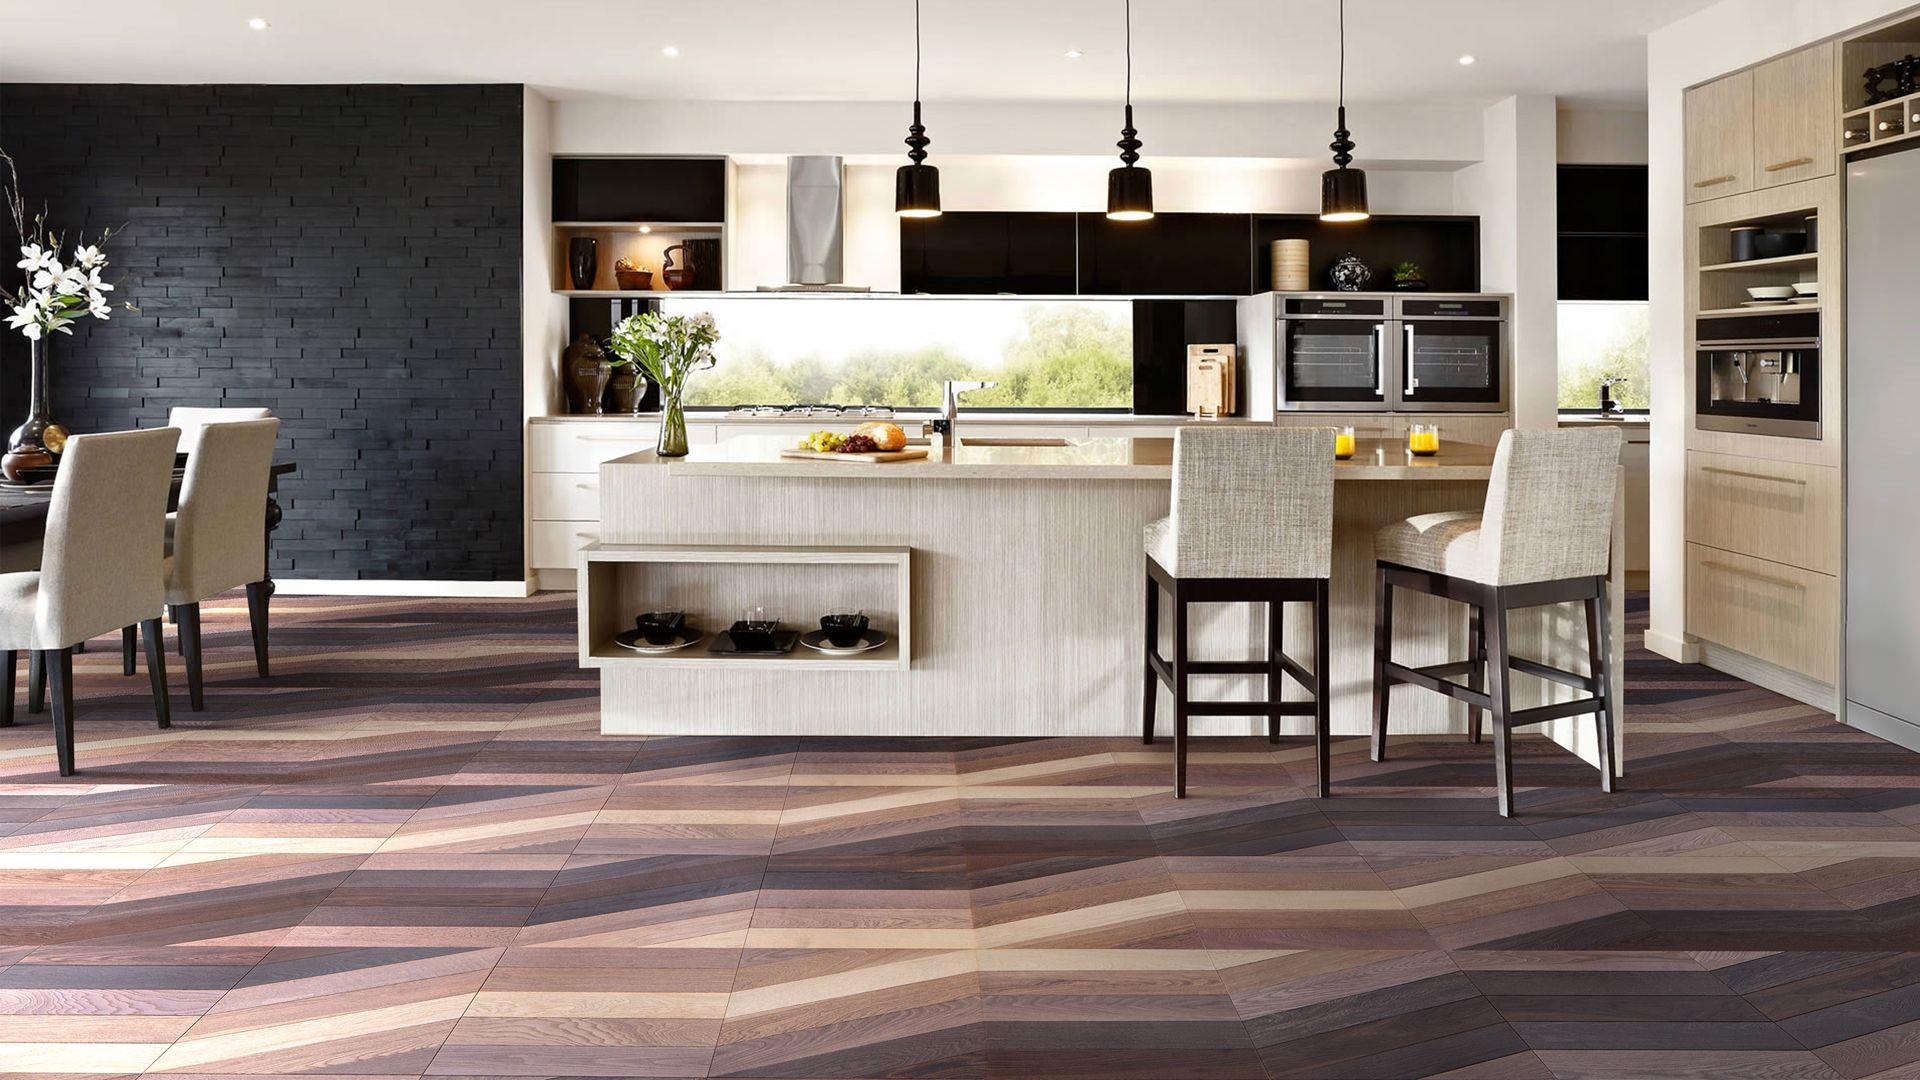 Kinh nghiệm chọn sàn bếp cực chuẩn năm 2021